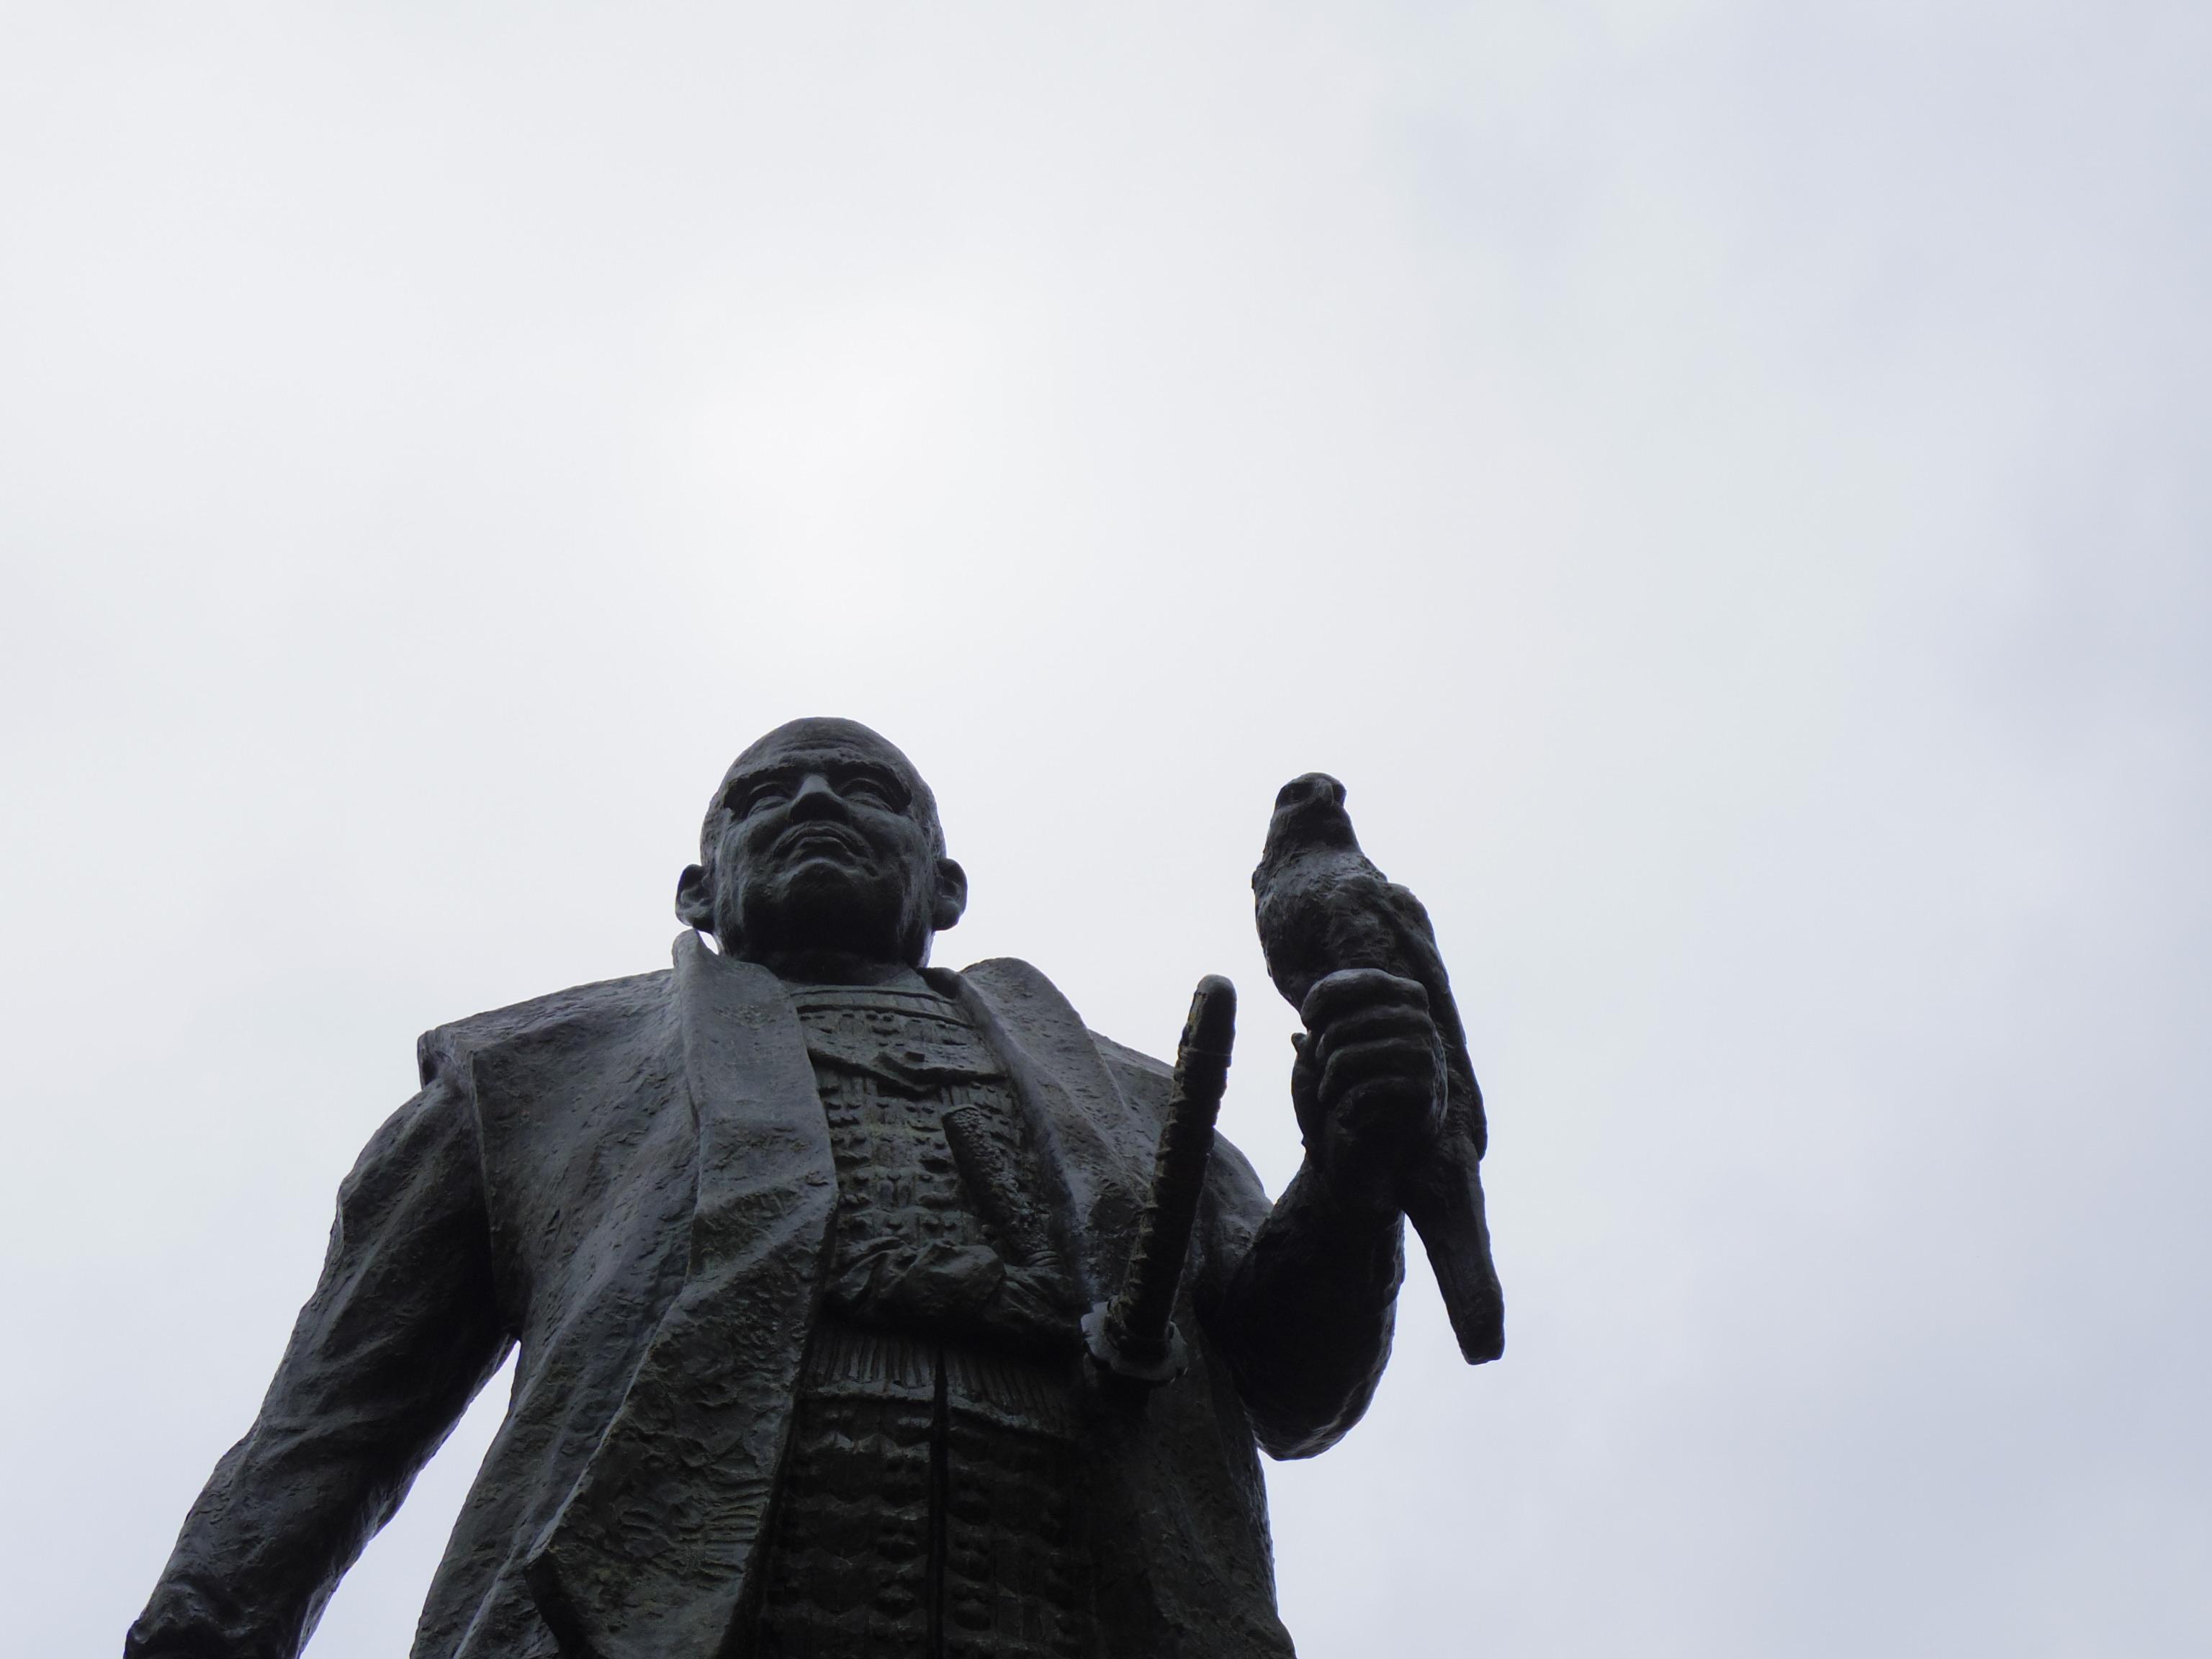 【日本プチ縦断 in 中部】静岡は徳川家康の愛した街らしい。